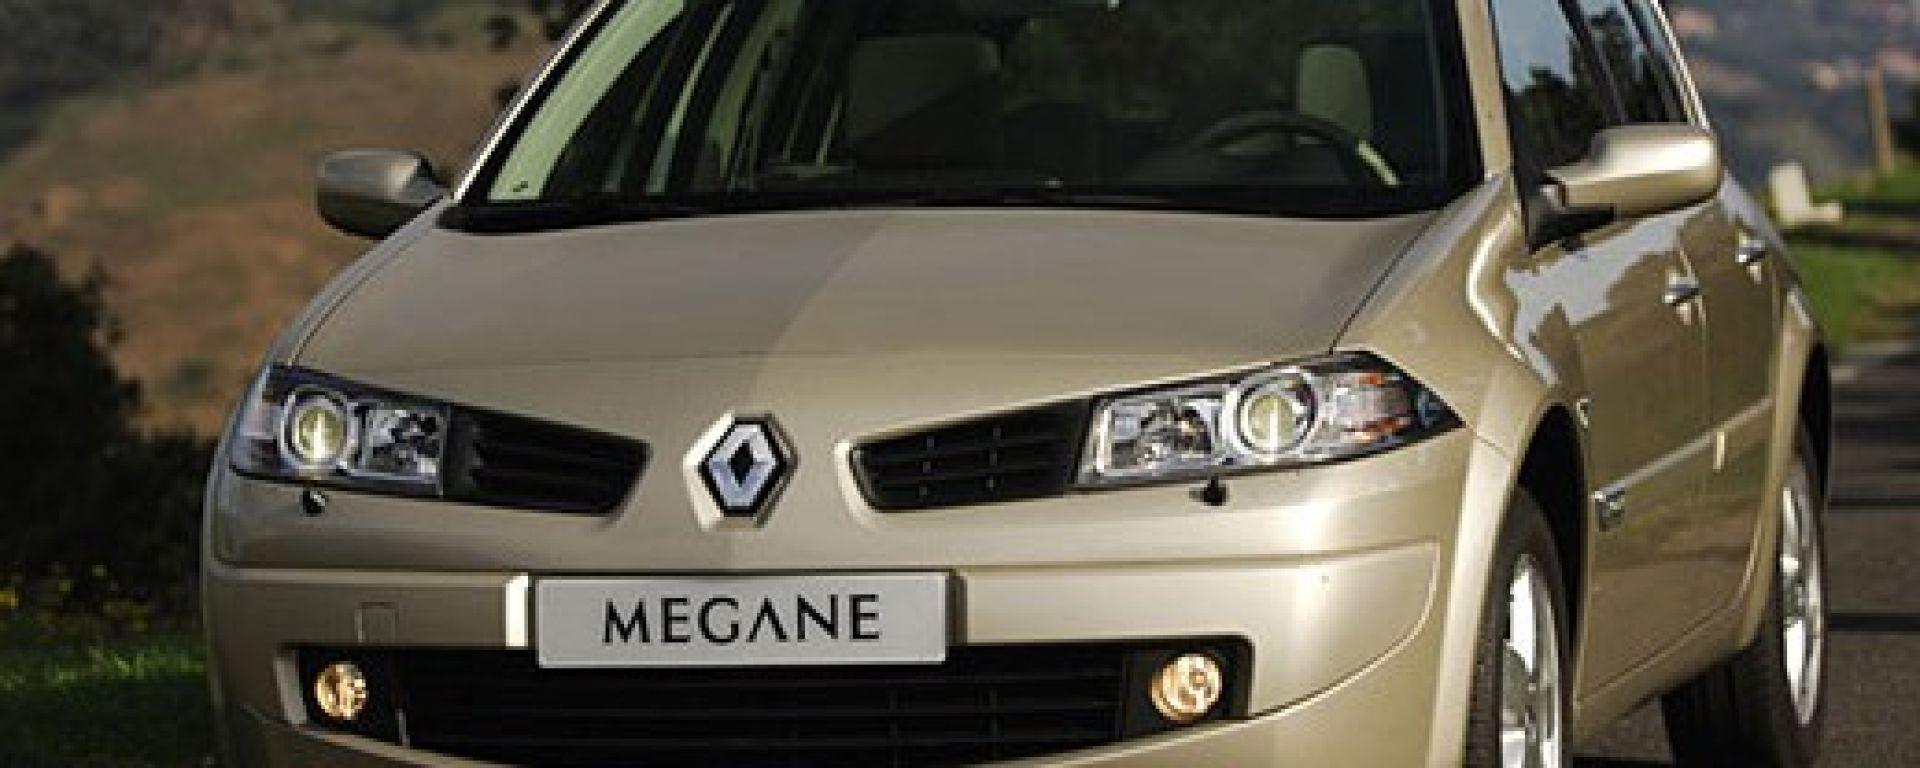 Renault New Mégane 2.0 dCi 150 cv